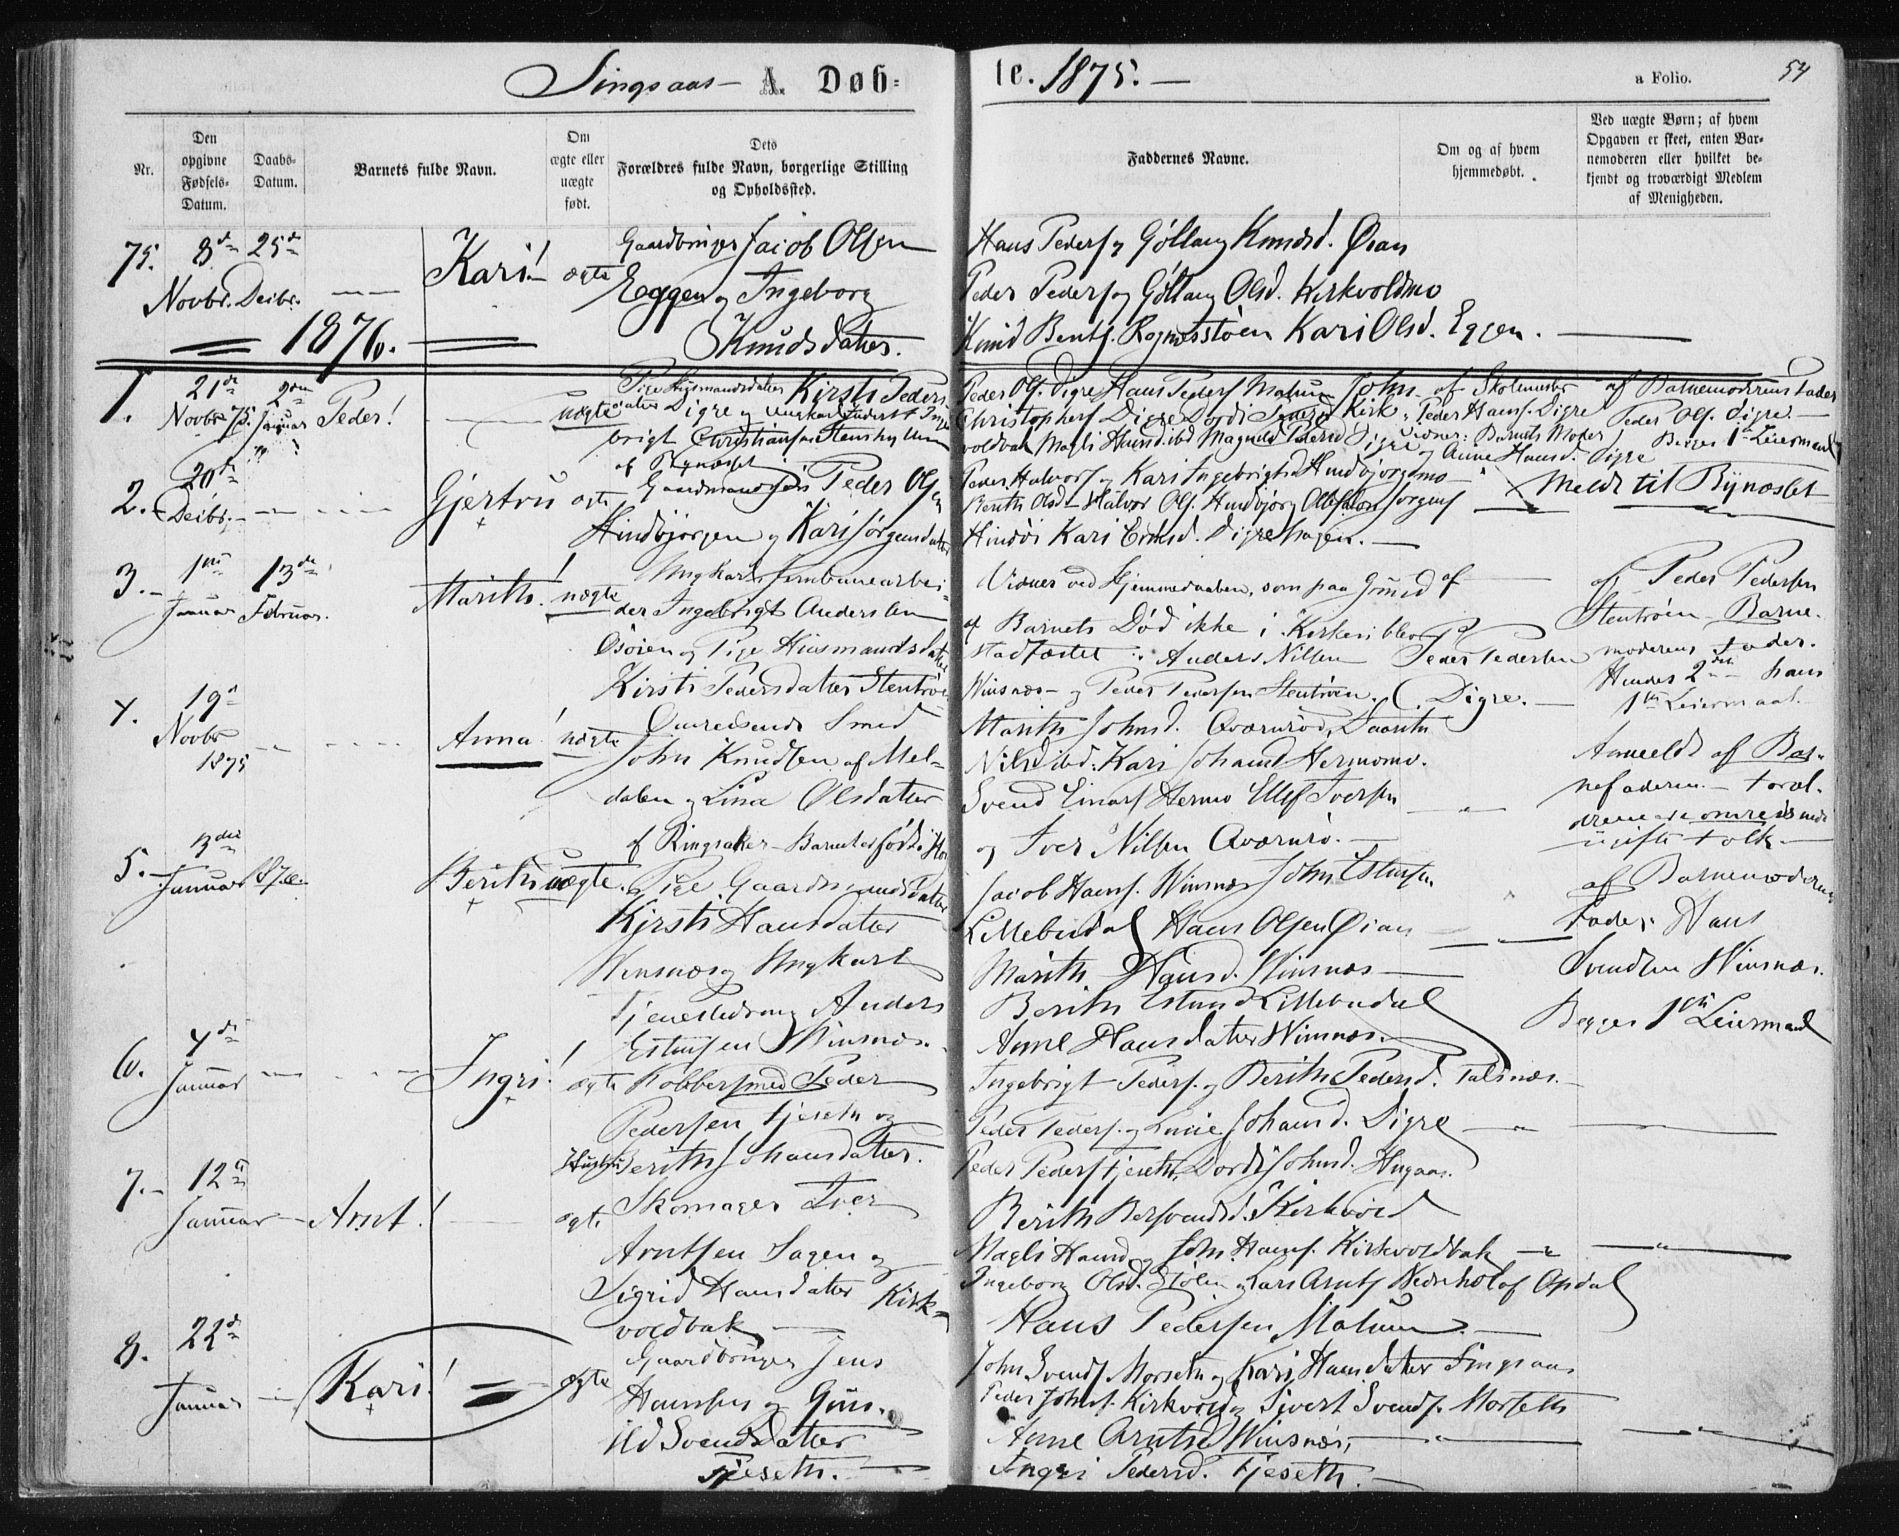 SAT, Ministerialprotokoller, klokkerbøker og fødselsregistre - Sør-Trøndelag, 685/L0970: Ministerialbok nr. 685A08 /2, 1870-1878, s. 54